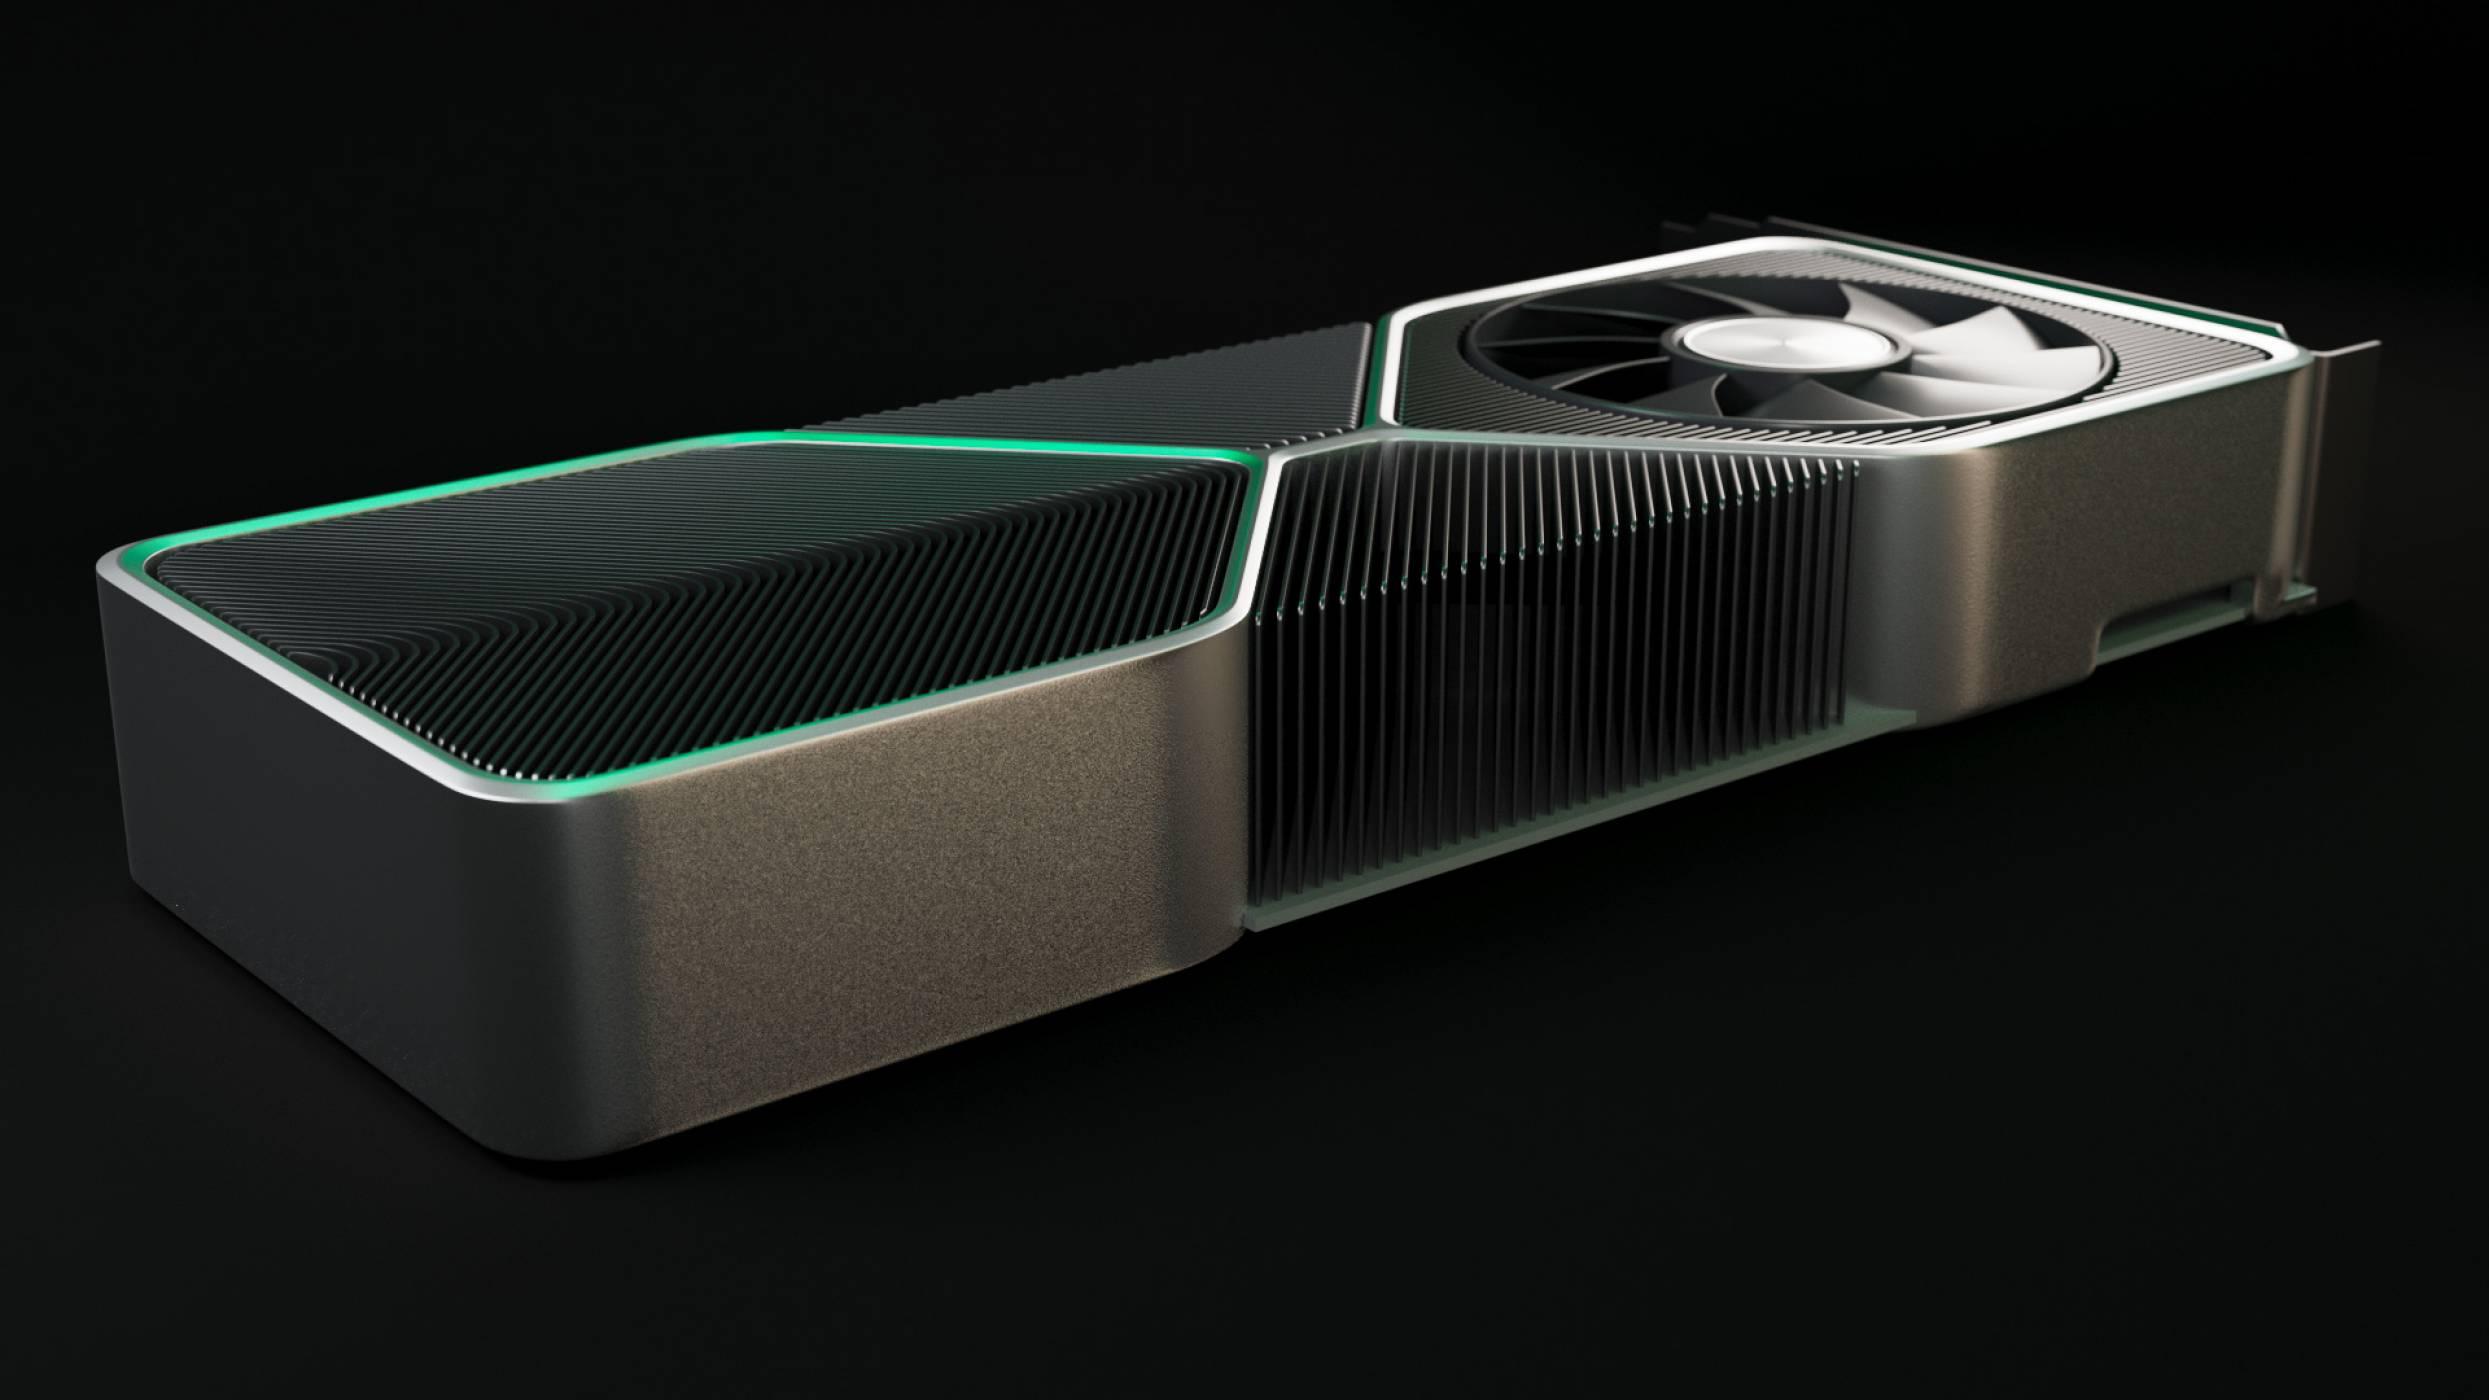 Ще представи ли скоро NVIDIA убиеца на PlayStation 5? (Видео)